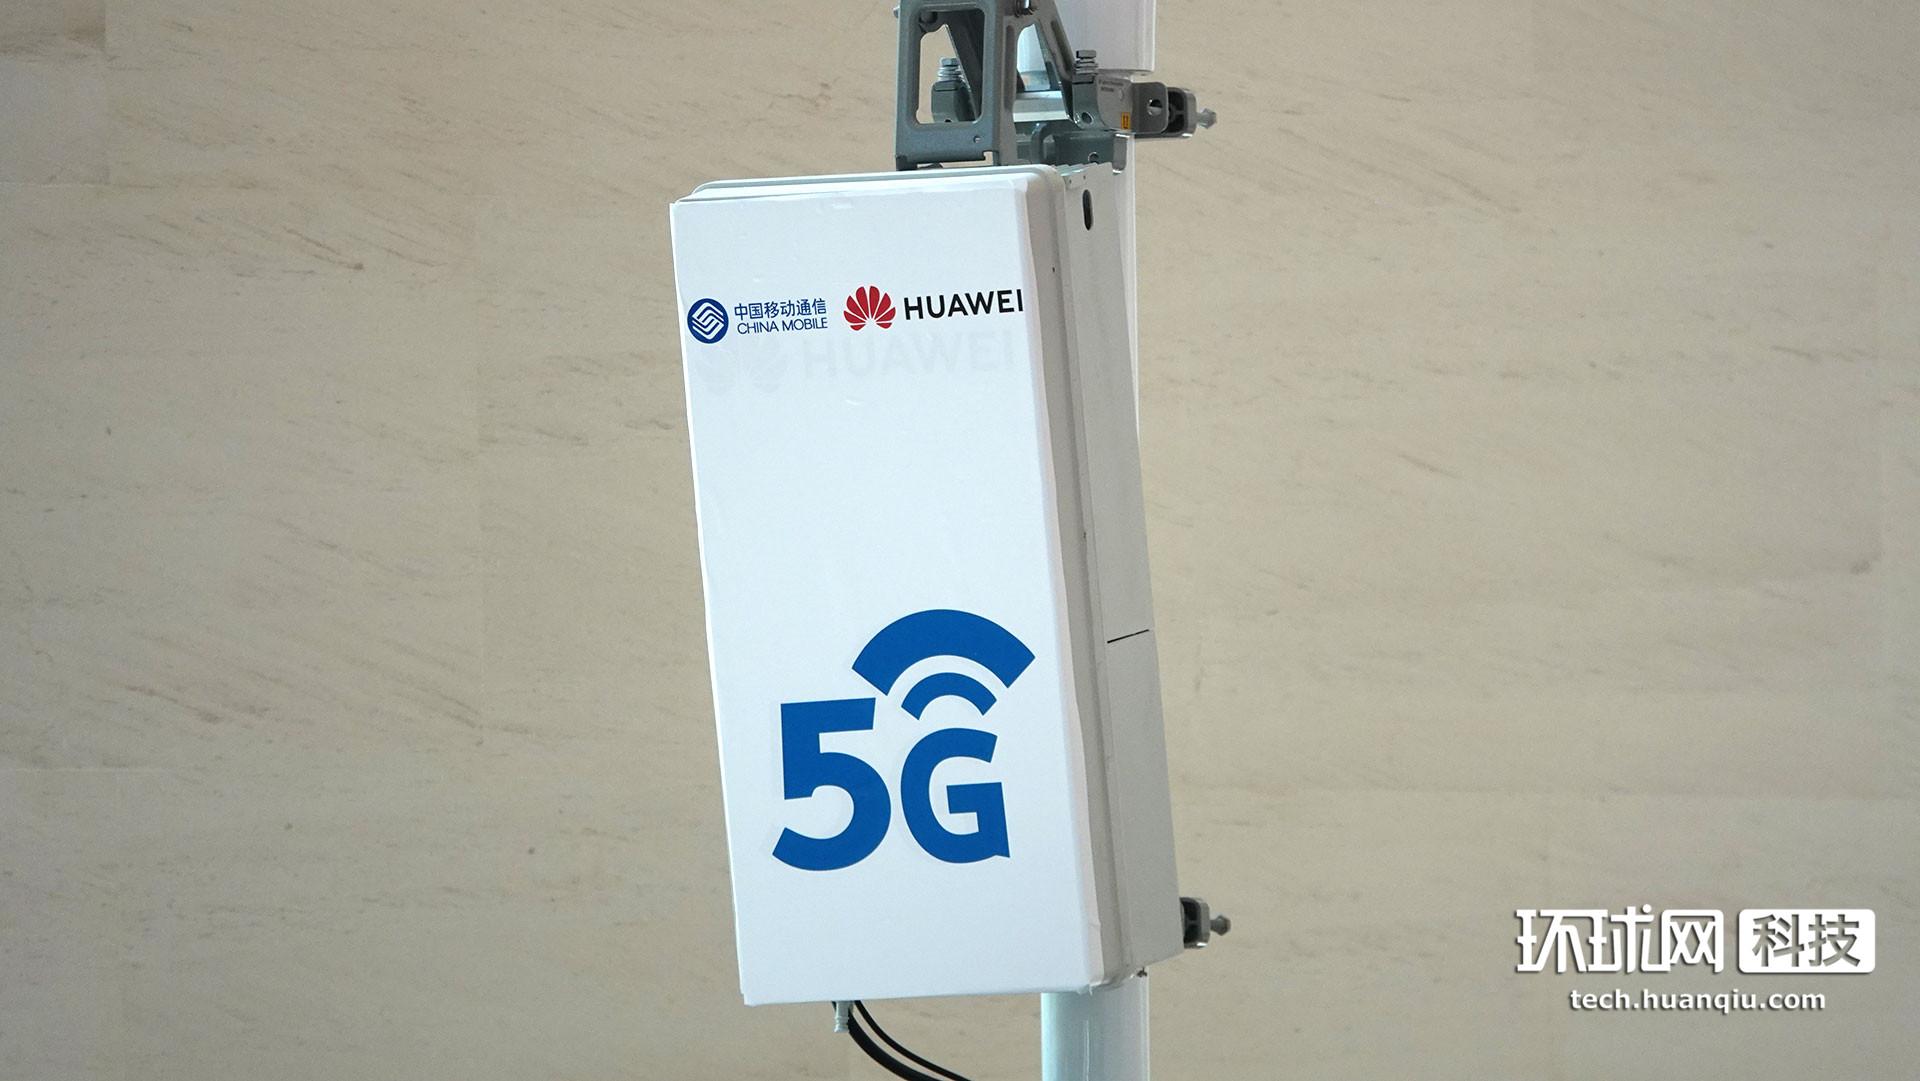 北京市通信管理局公布5G建设进展,势头喜人